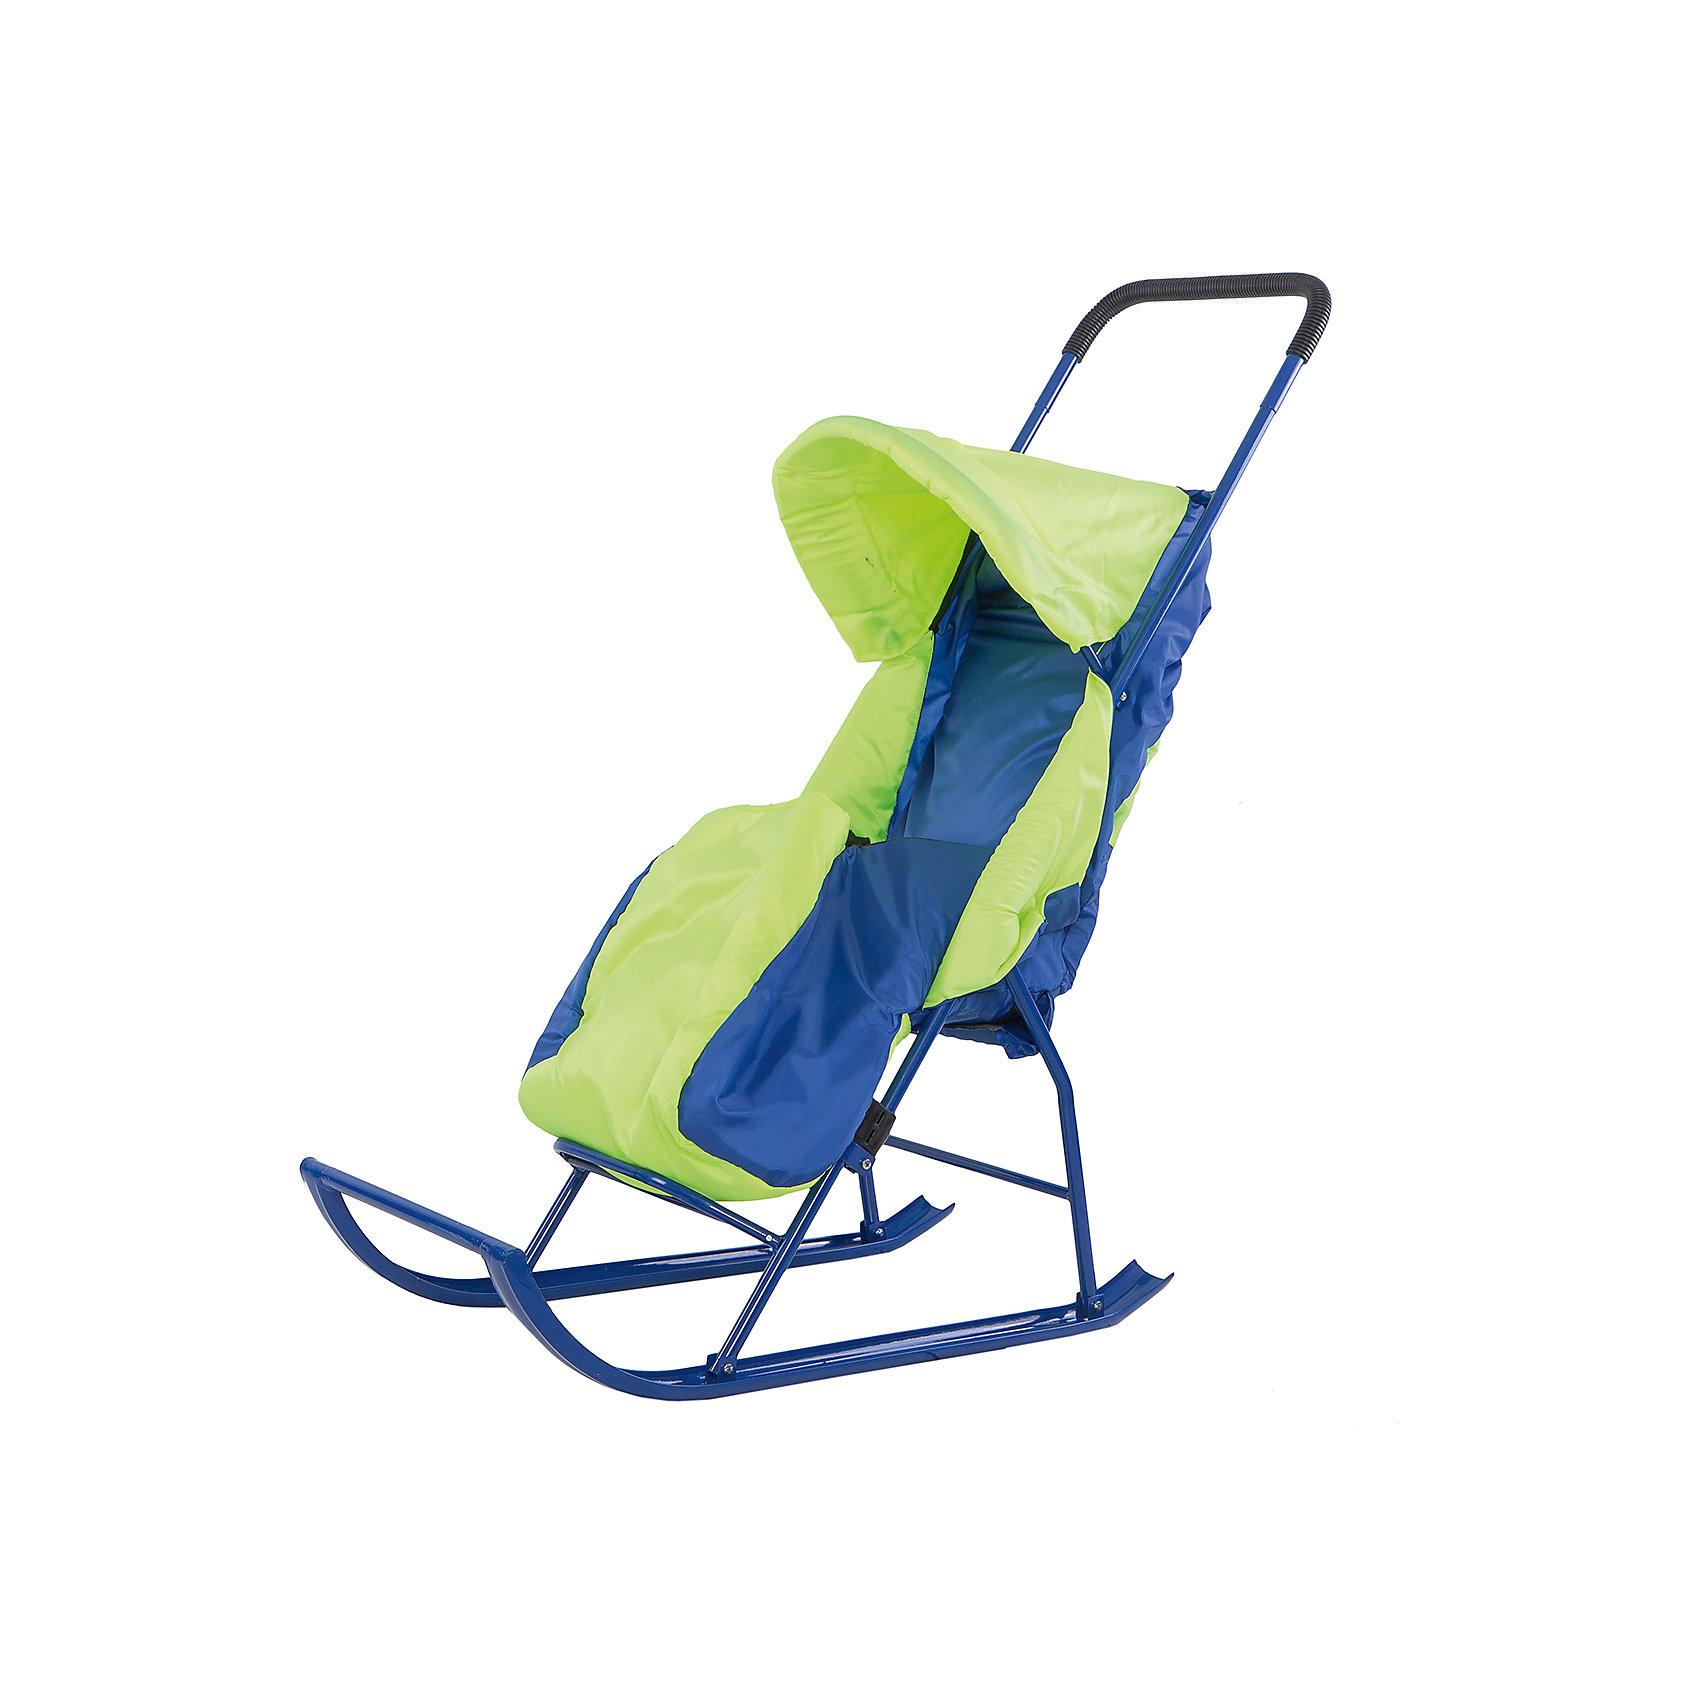 Малышок Санки-коляска Малышок 1, Galaxy, салатовый/голубой санки galaxy мишутка 1 универсал красные